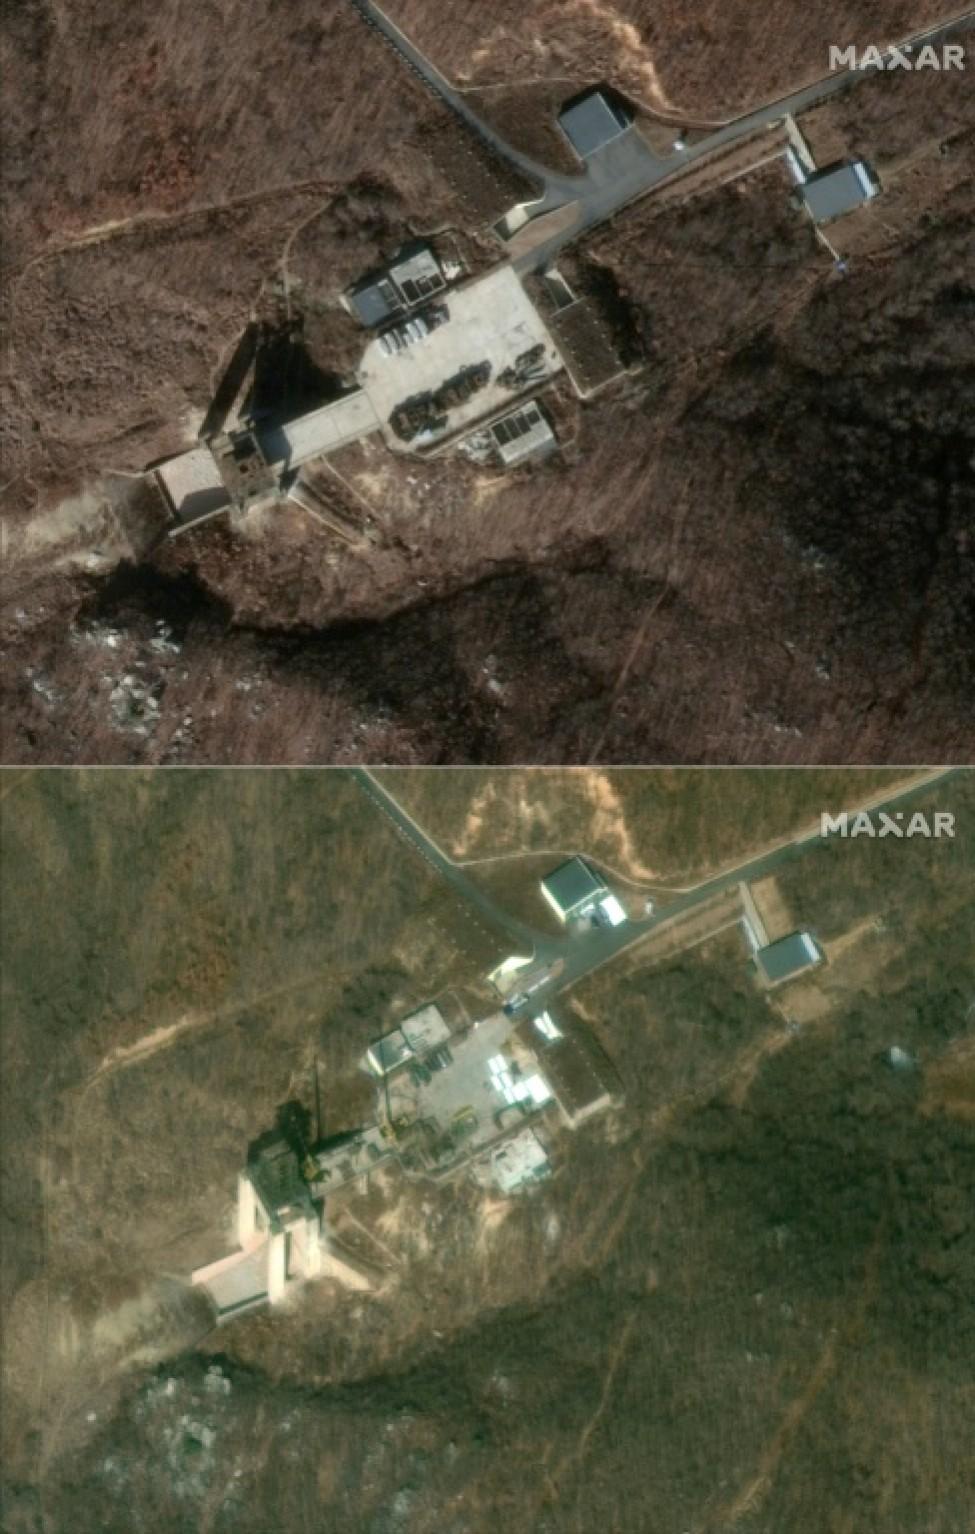 Des images satellites de DigitalGlobe (groupe Maxar) montrent la base de lancement de satellites nord-coréenne de Sohae les 5 décembre 2018 (en haut) et 2 mars 2019 (en bas)